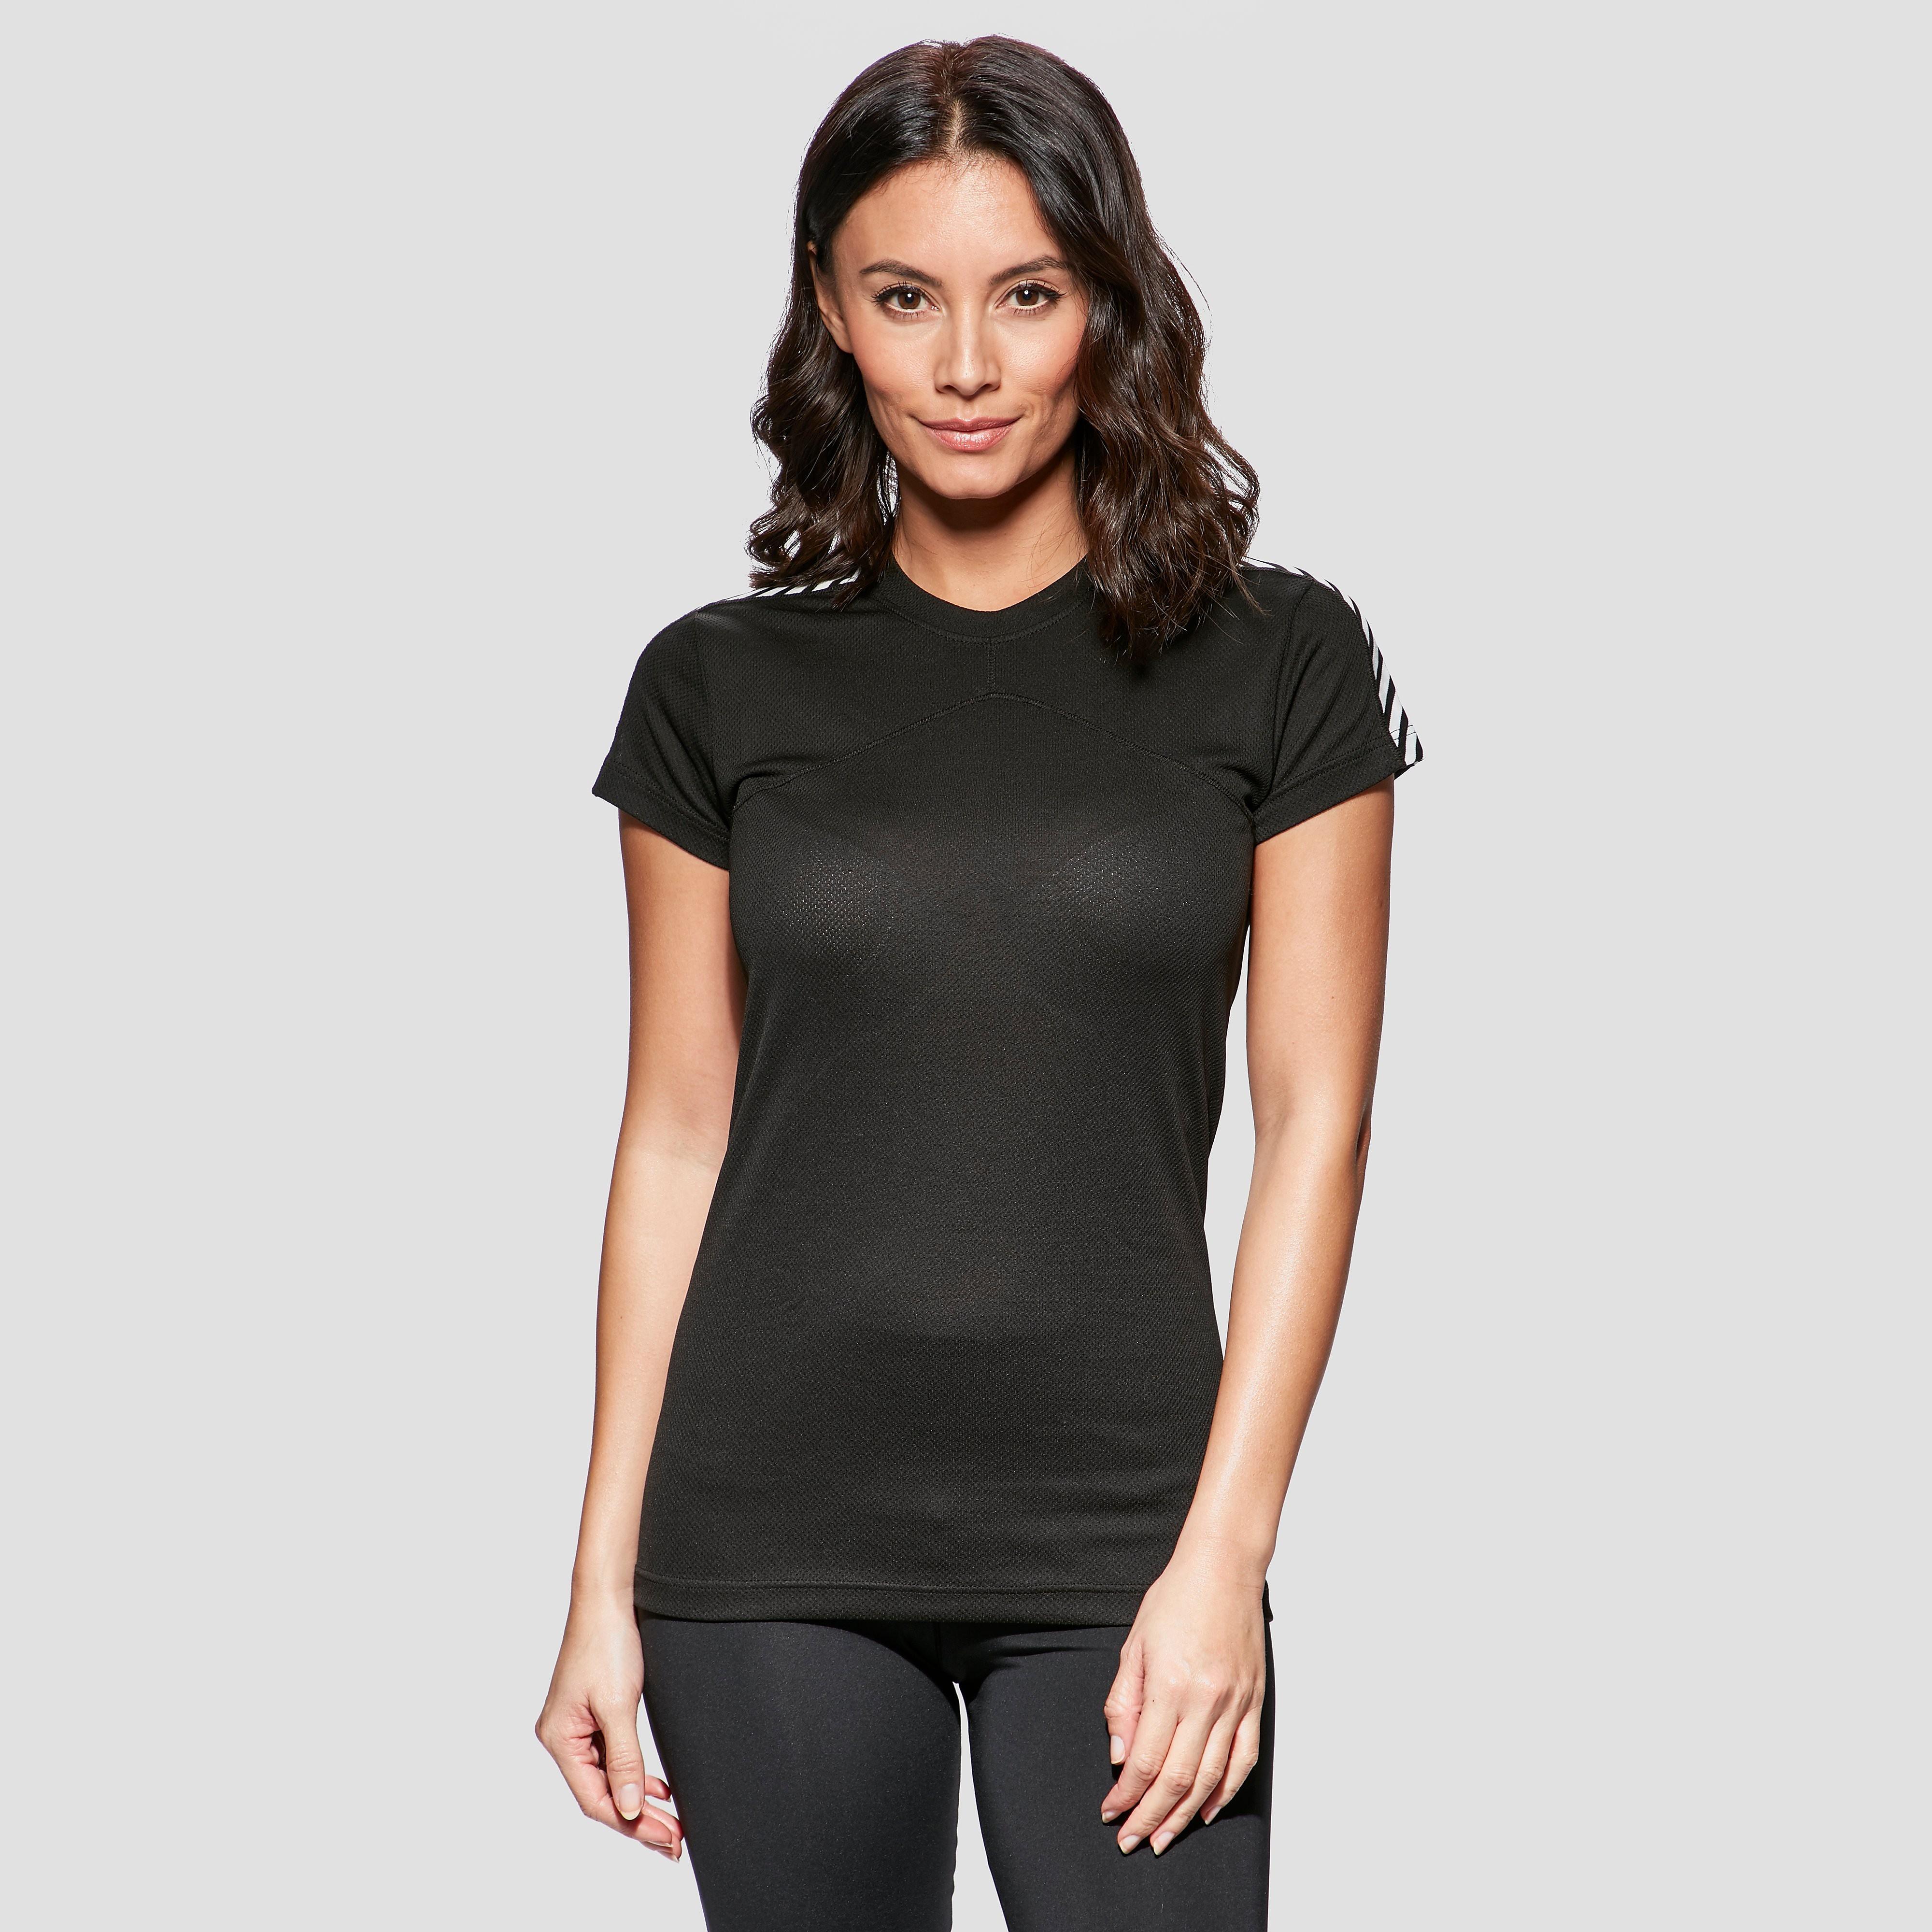 Helly Hansen Lifa Women's T-Shirt